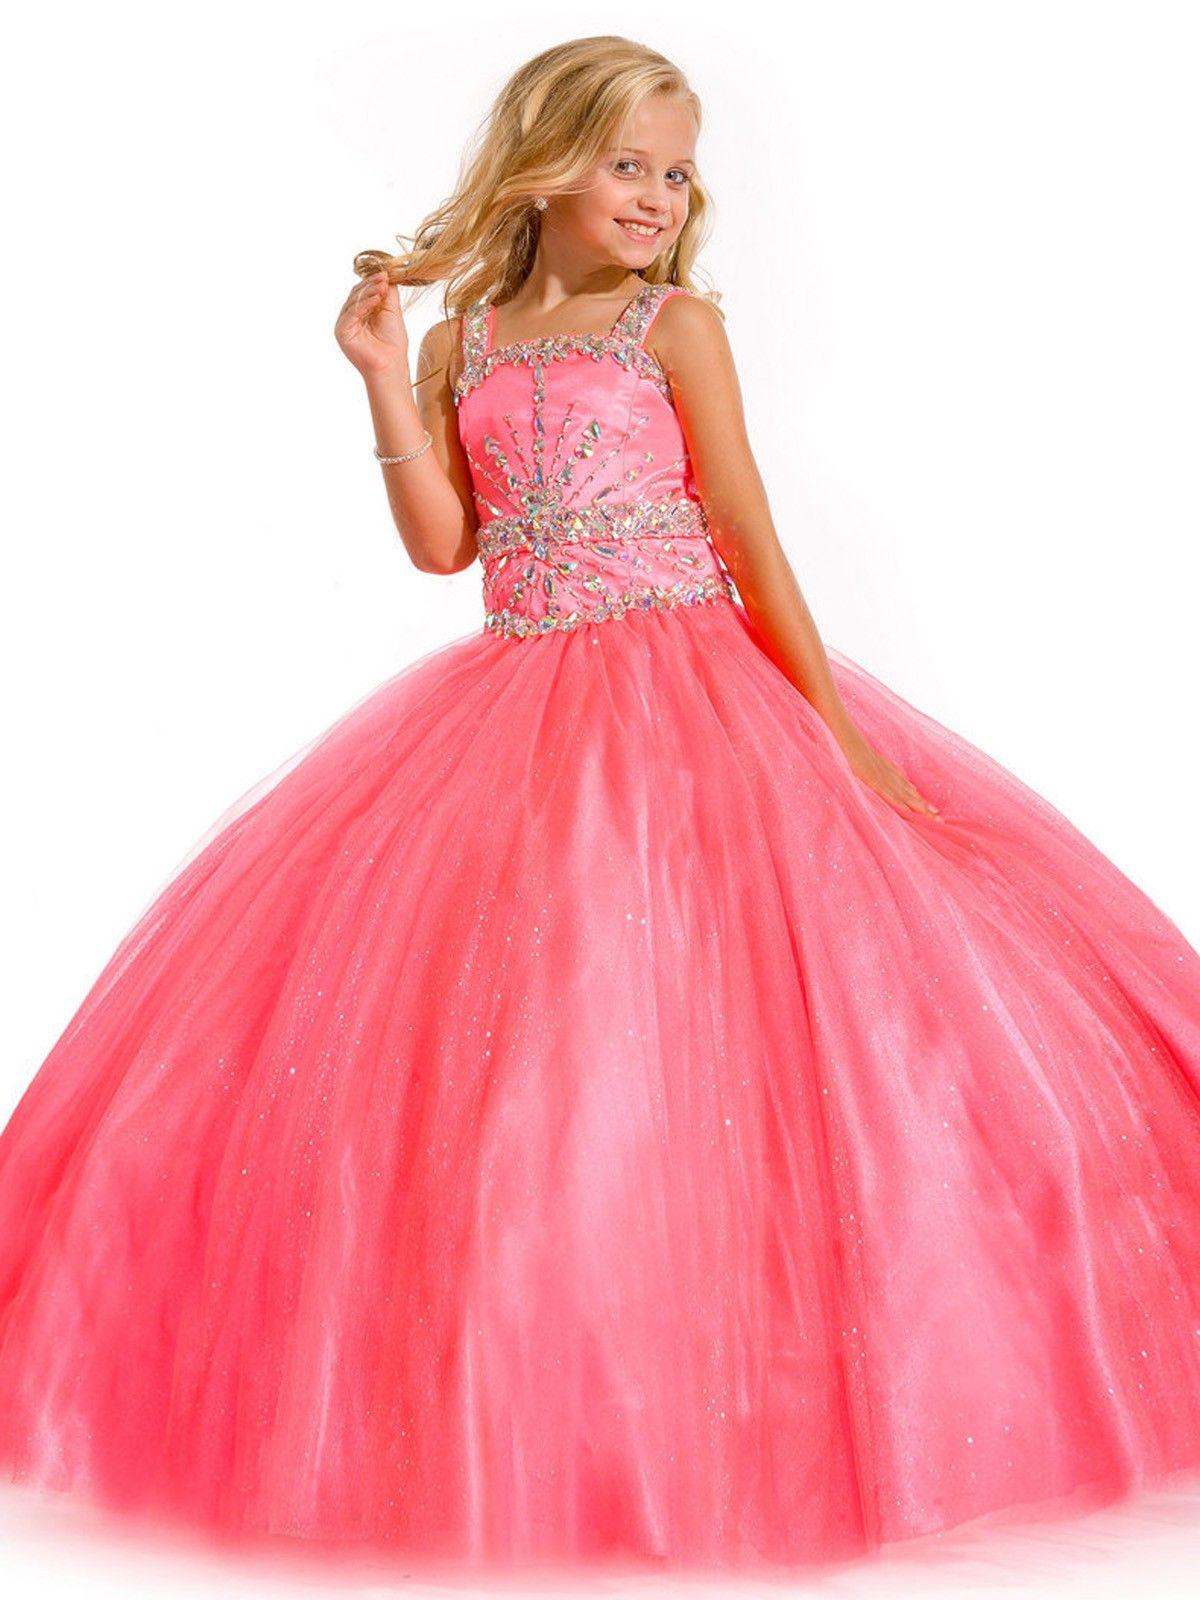 Taffeta Pink Ball Gown Girls Pageant Dress | Flower Girl Dresses ...